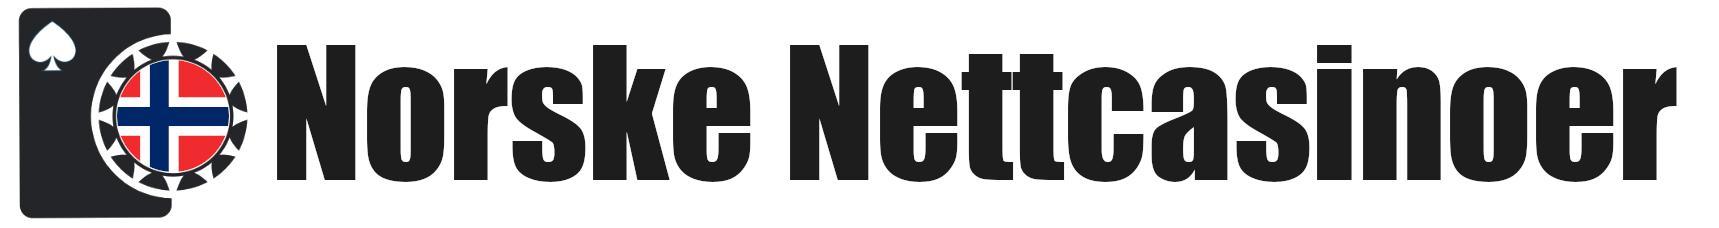 norske nettcasinoer